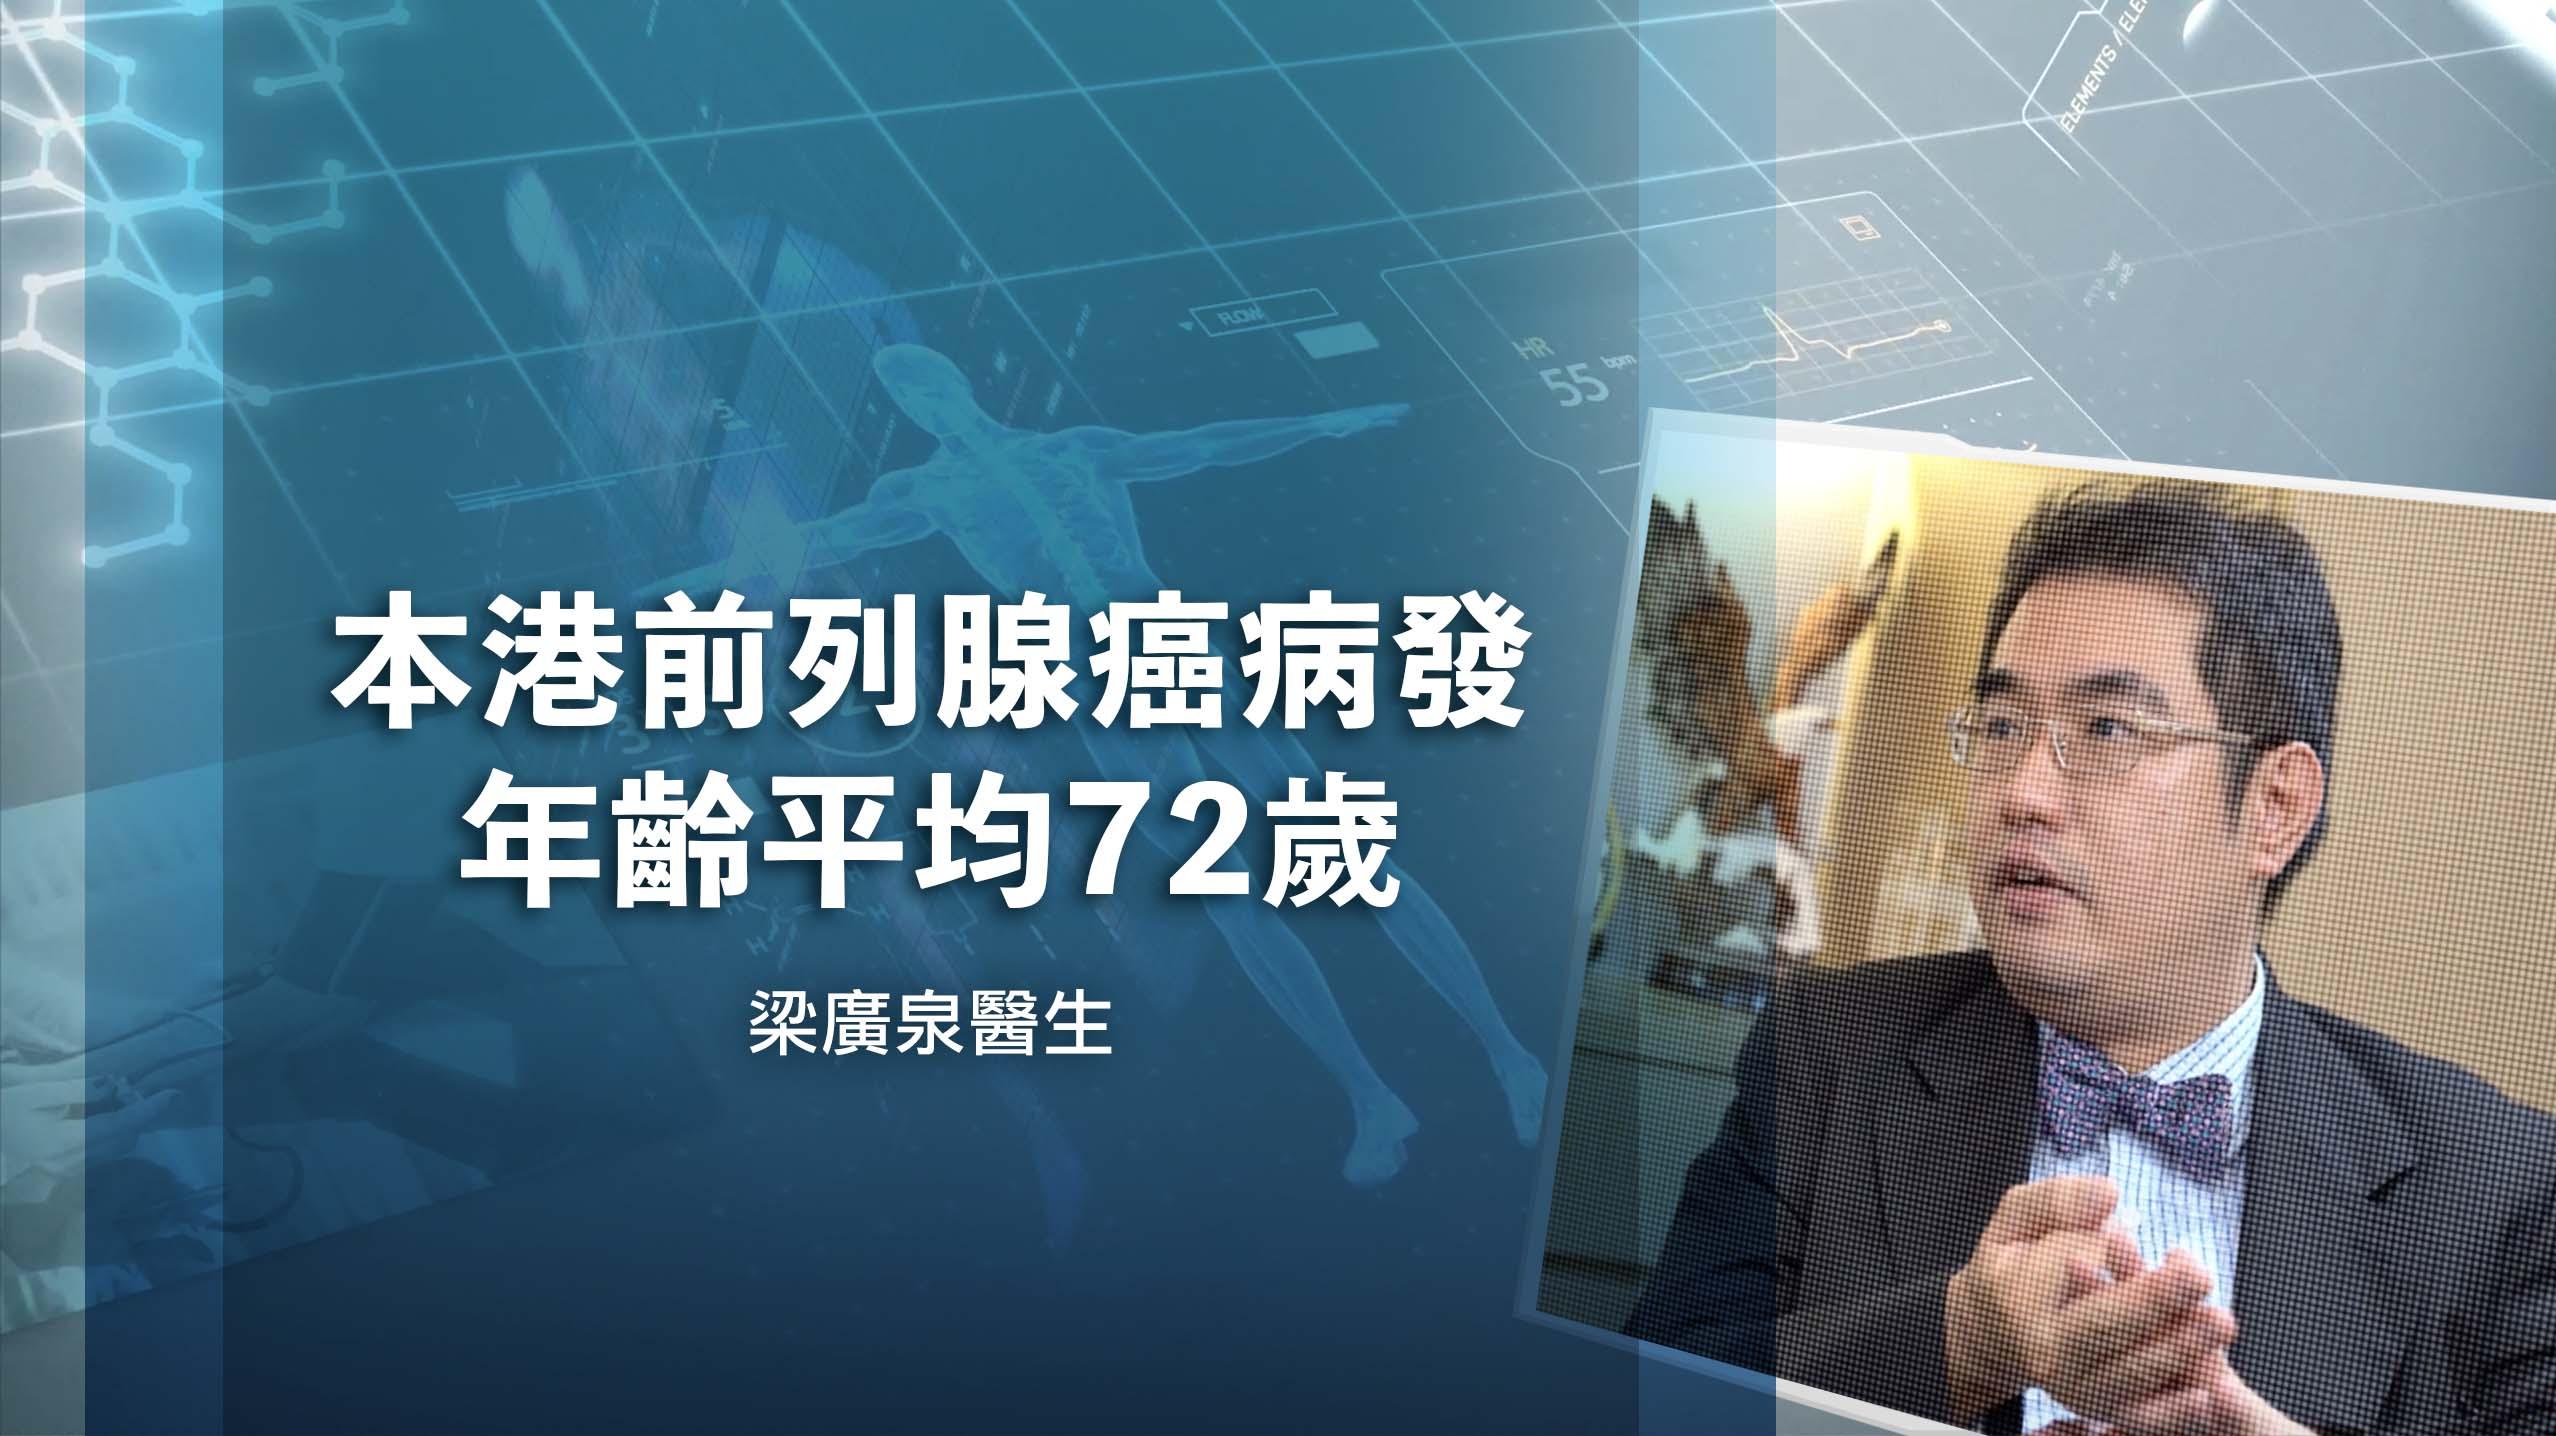 本港前列腺癌病發年齡平均72歲